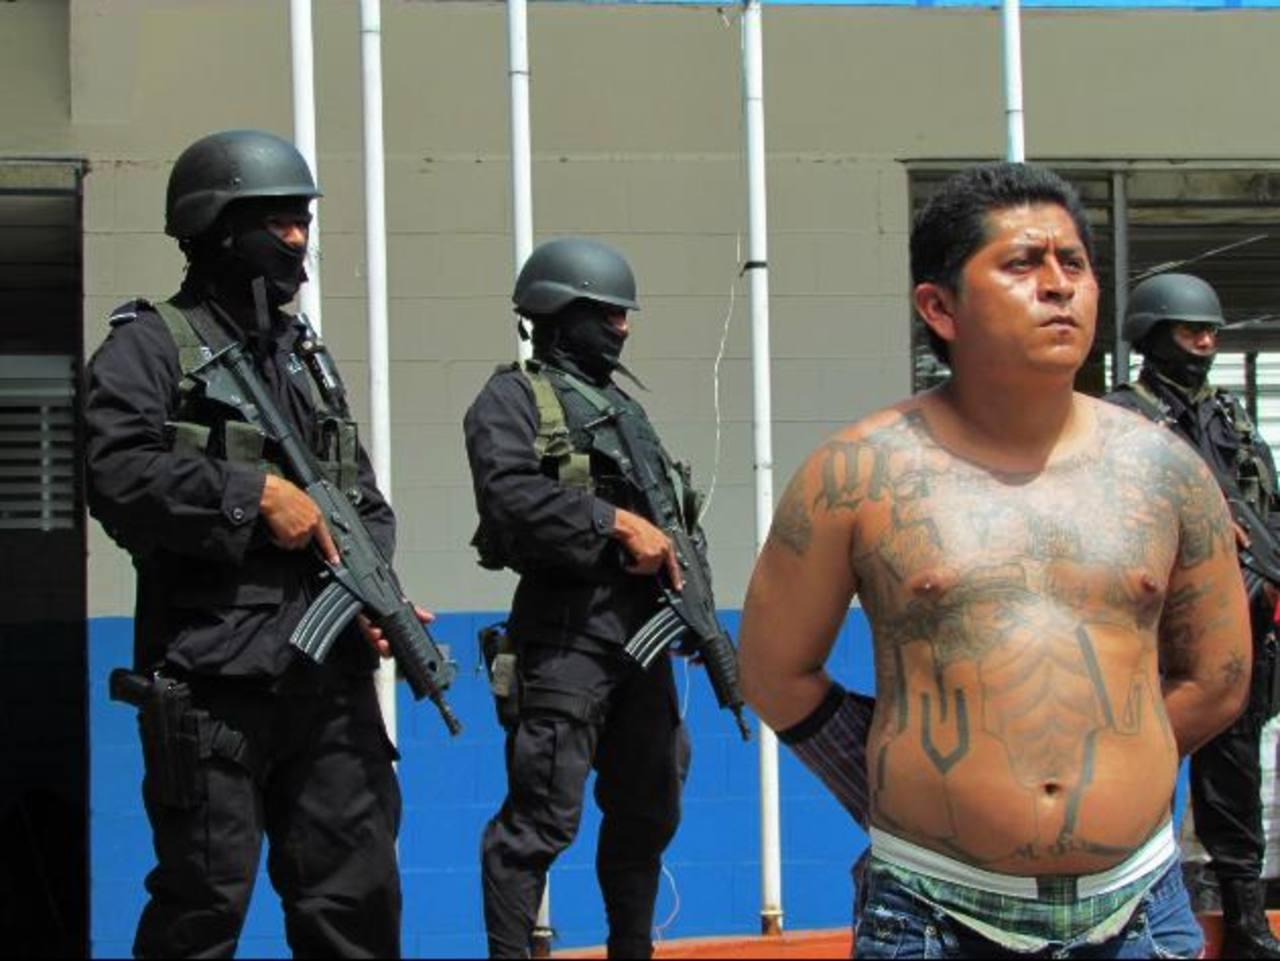 Adin Ernesto Carías fue condenado a 100 años de prisión por haber matado a cuatro personas en Santa Ana. foto edh / ArchivoÁlvaro Estrada se encargó de asesinar al policía Edwin Portillo y a su esposa por problemas con la pandilla MS. Foto EDH / Arch